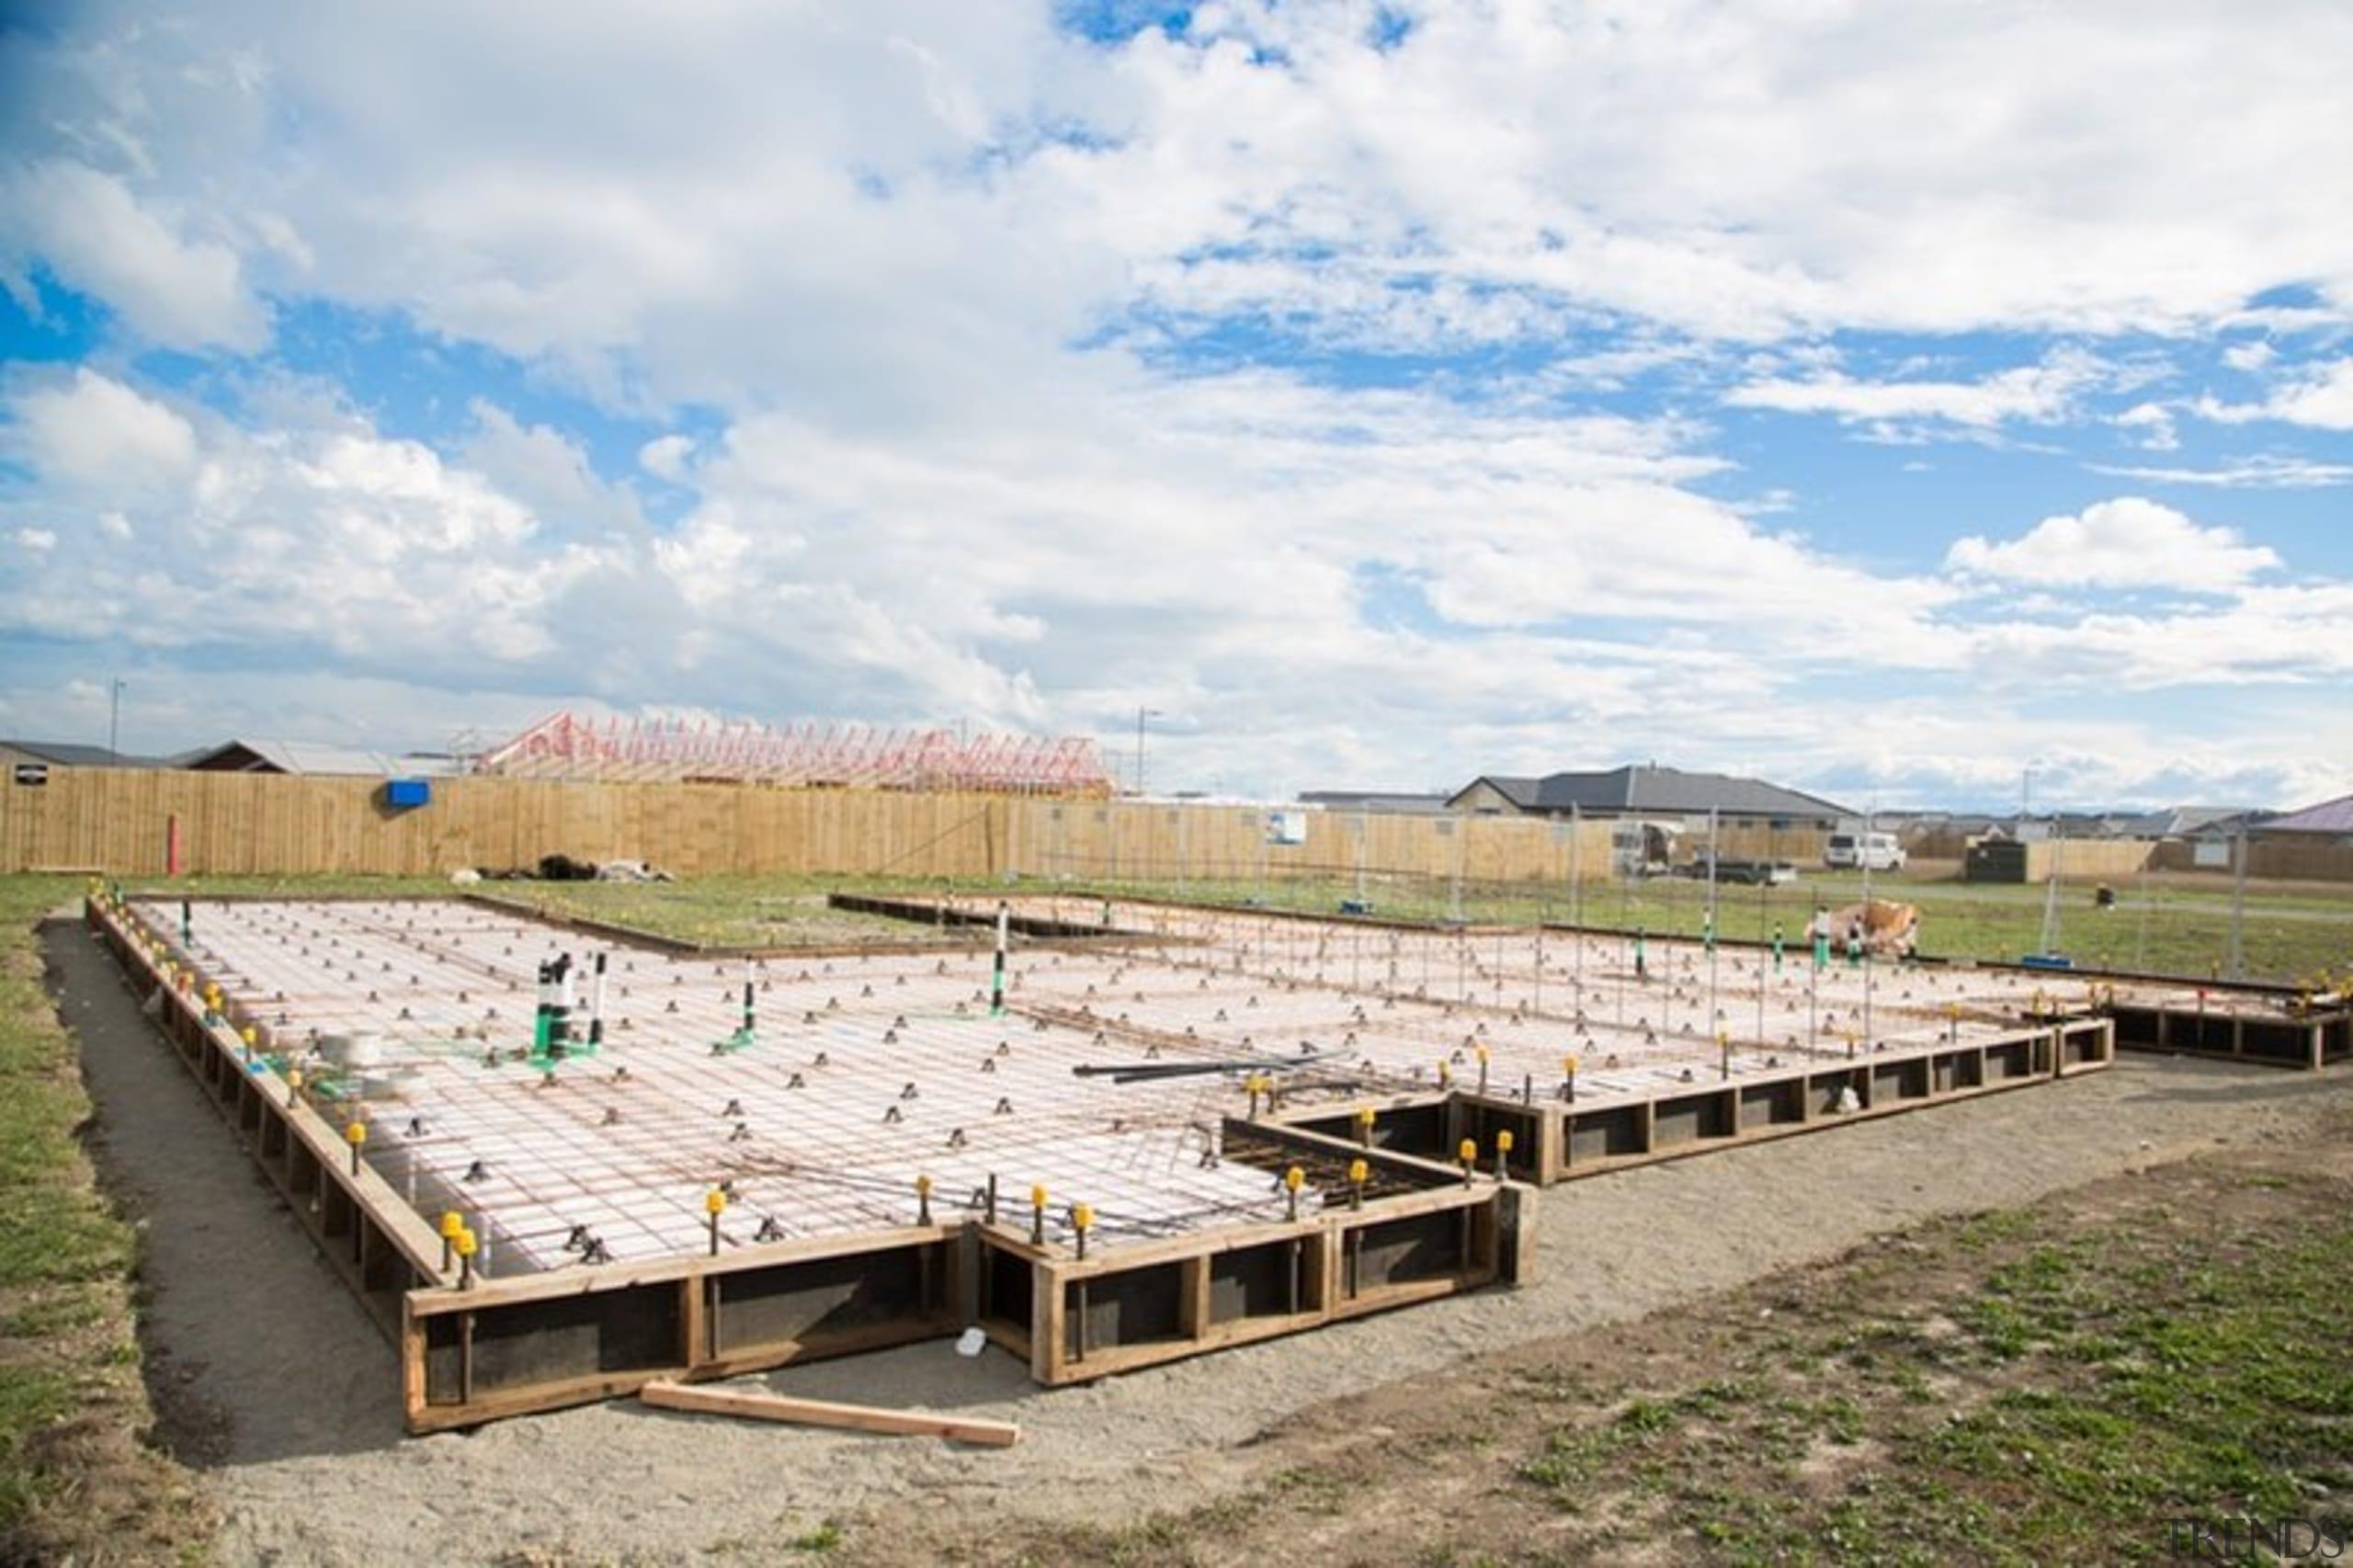 Ready Super Slab – Pour - architecture   architecture, house, land lot, roof, sky, sport venue, white